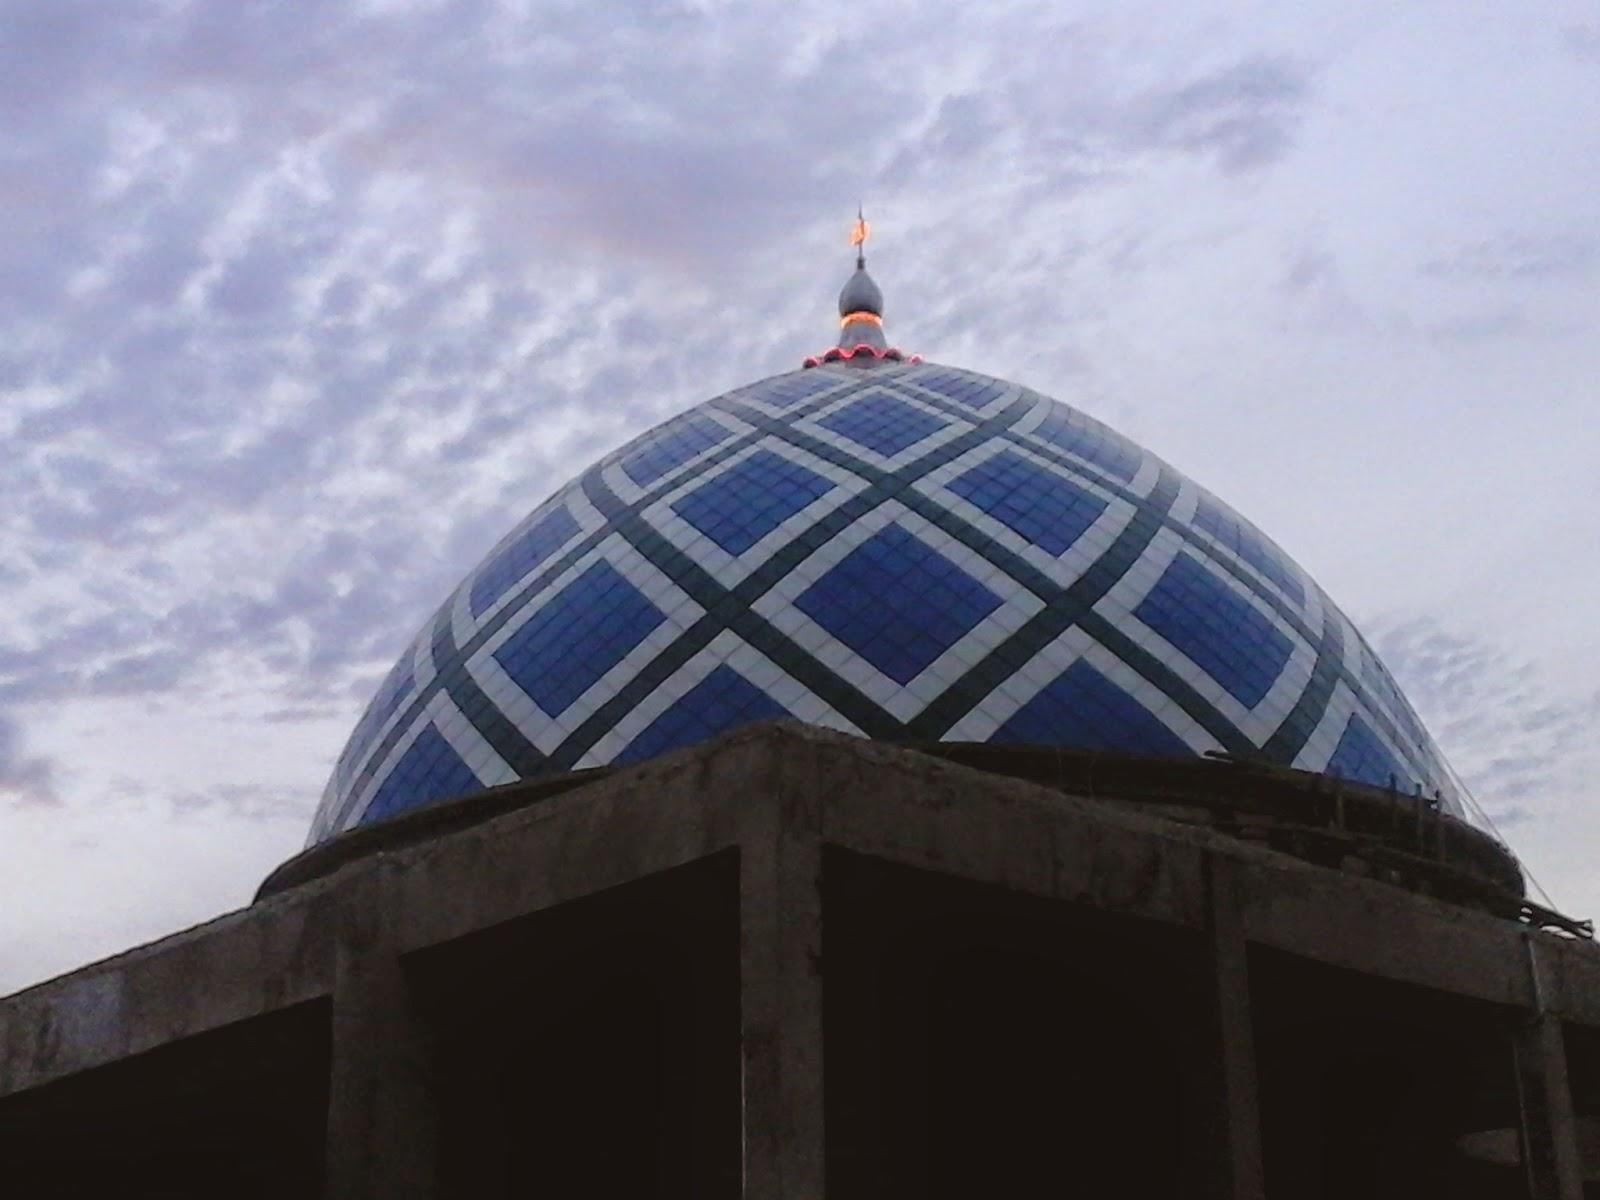 kubah masjid , bentuk kubah masjid , bentuk masjid , harga kubah masjid , kubah masjid terbang , kubah masjid moderen , kubah enamel , kubah galvalum , kubah motif , kubah ornamen